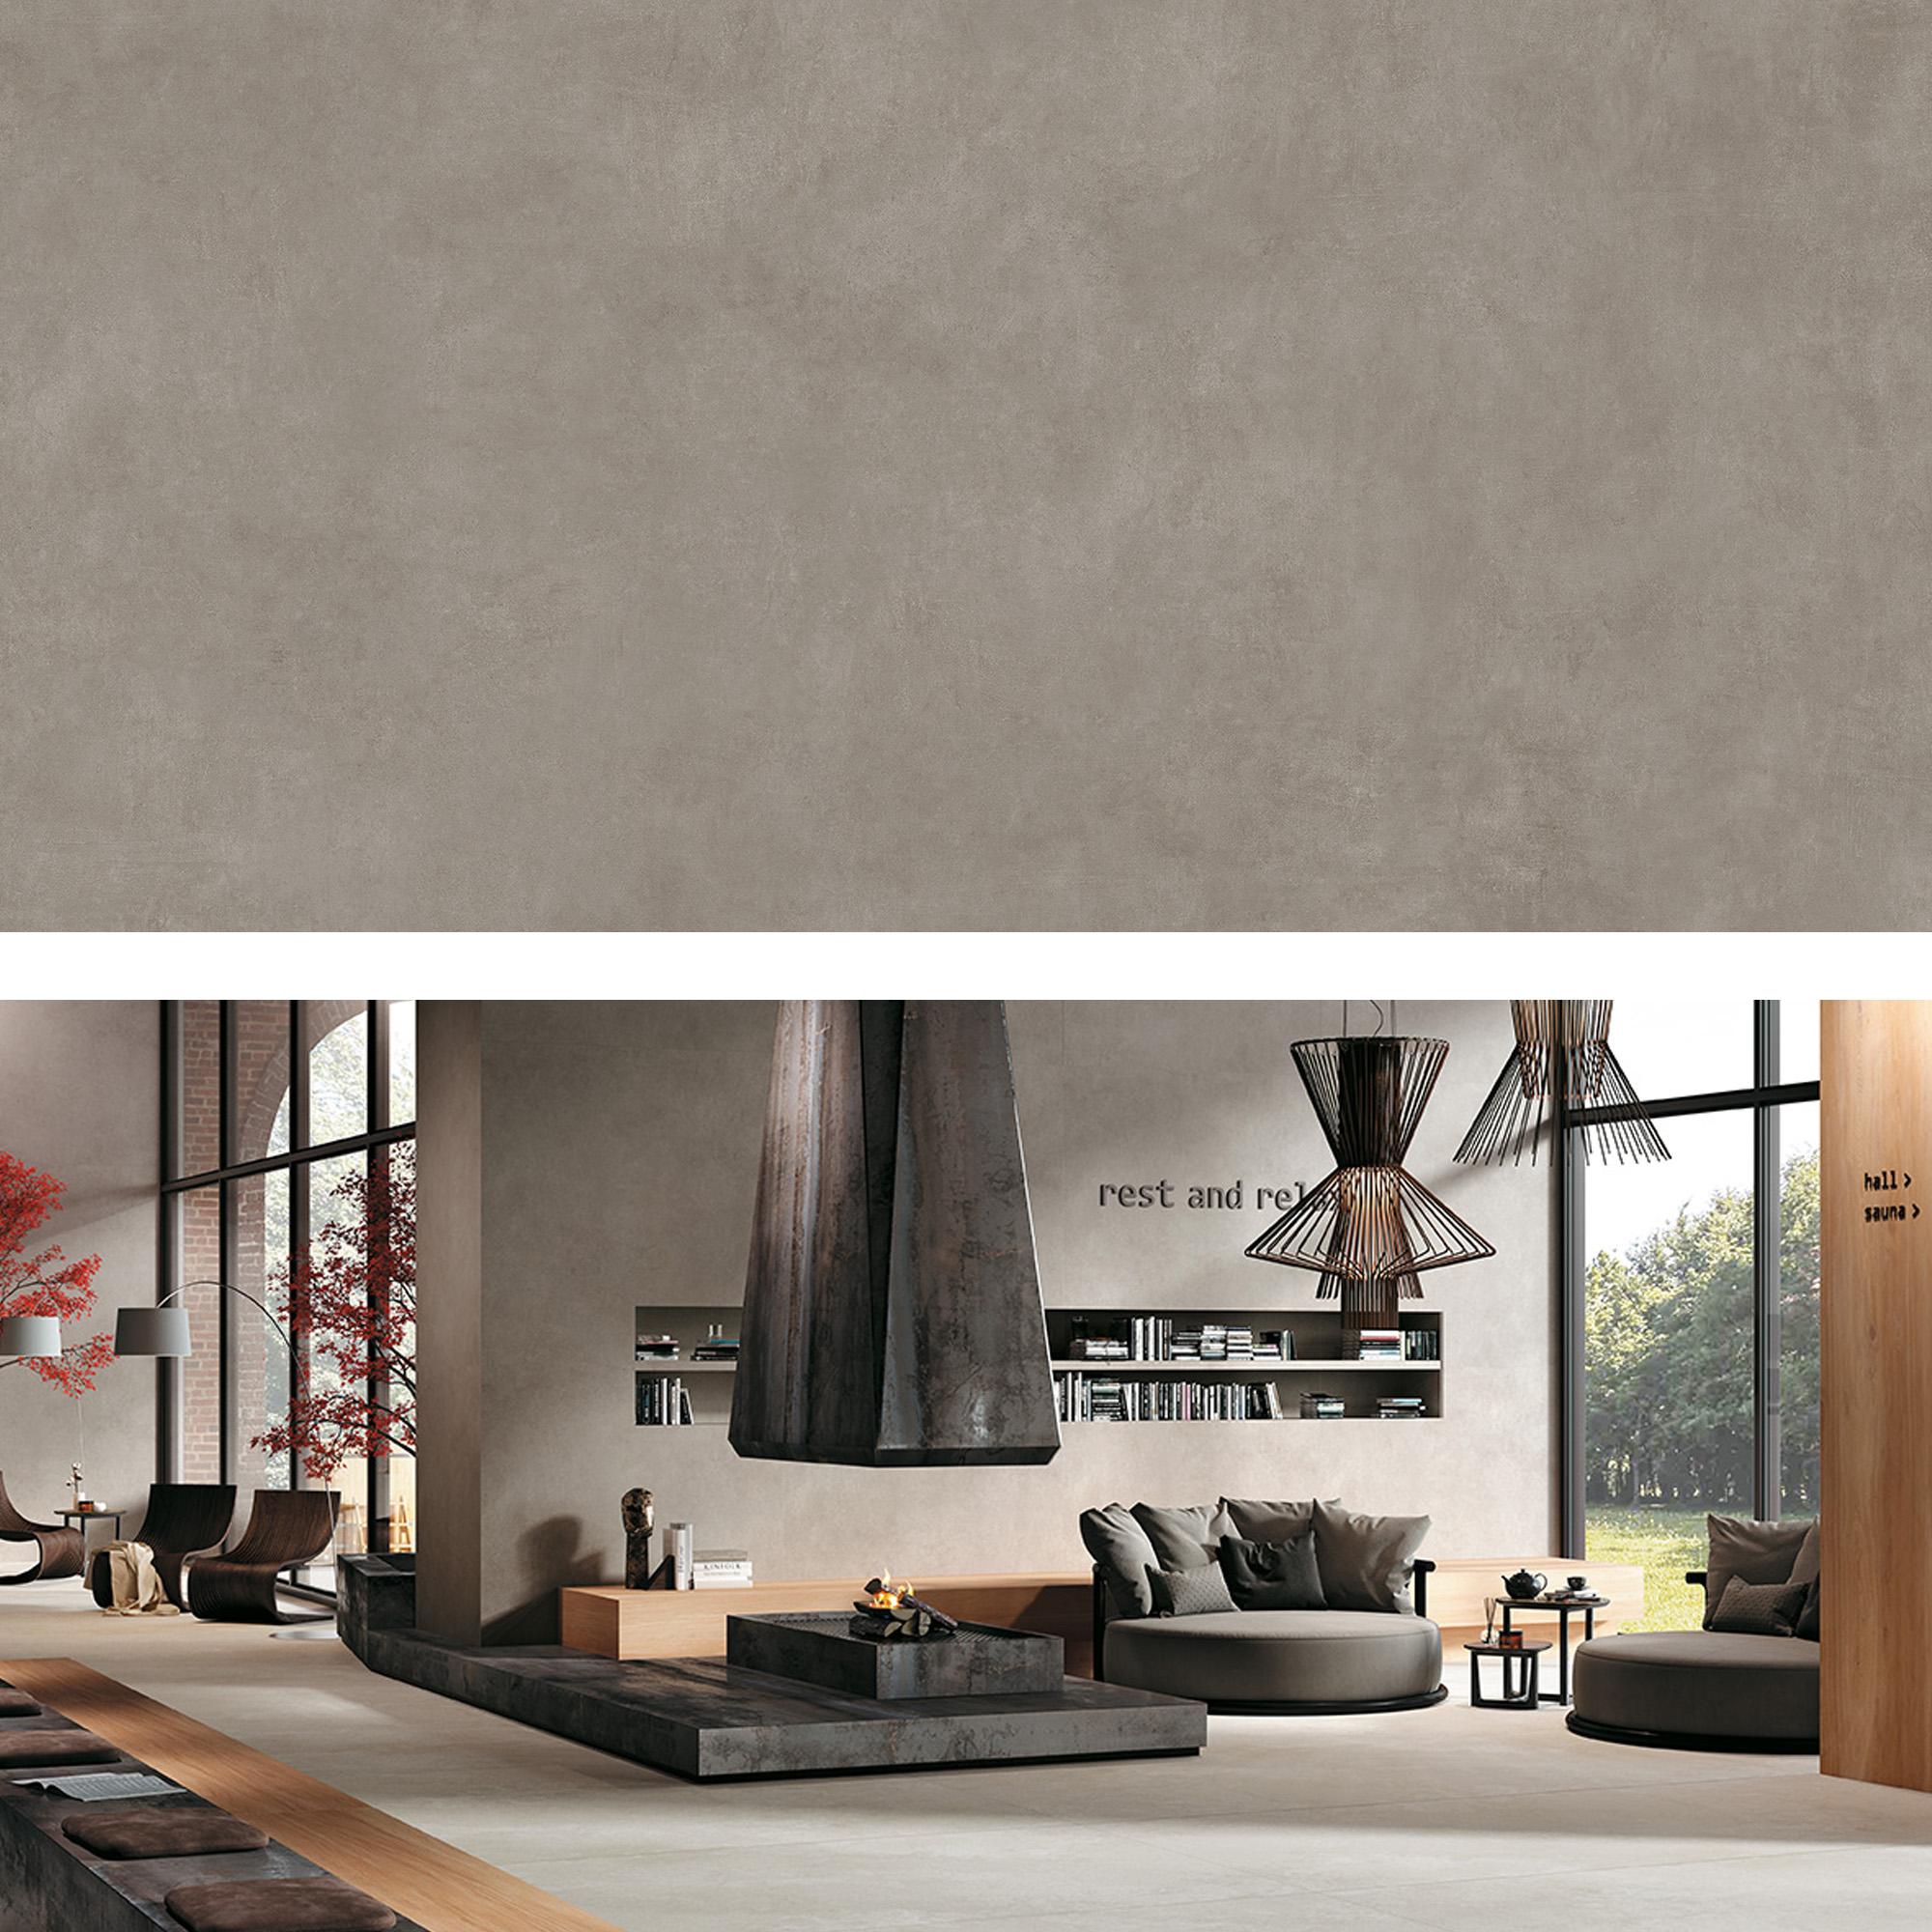 porcelain decoration remodeling livingroom